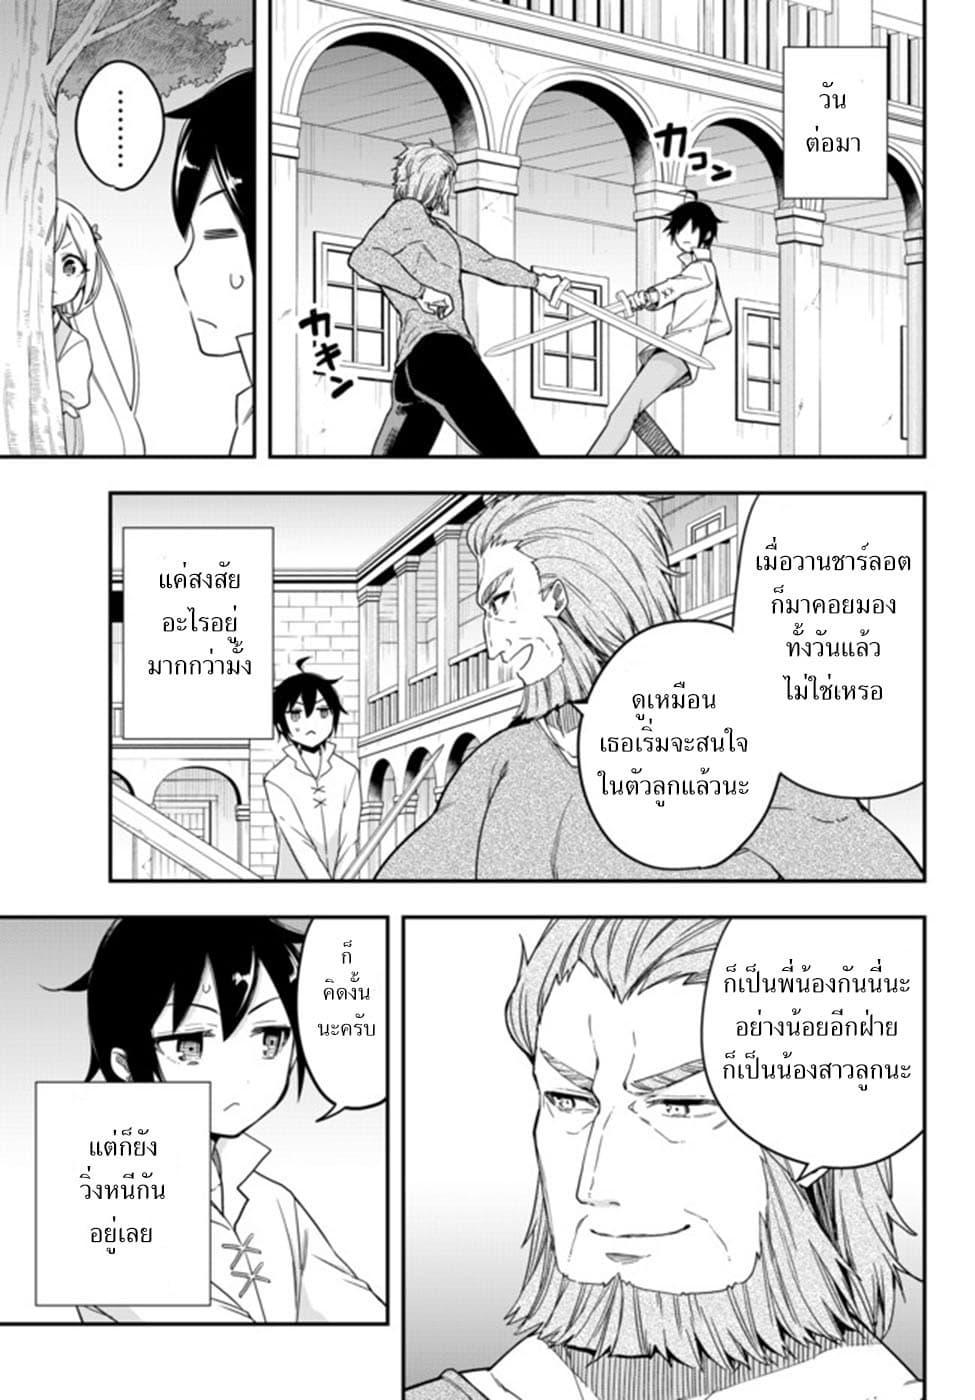 อ่านการ์ตูน Jitsu wa Ore Saikyou deshita ตอนที่ 5.1 หน้าที่ 11